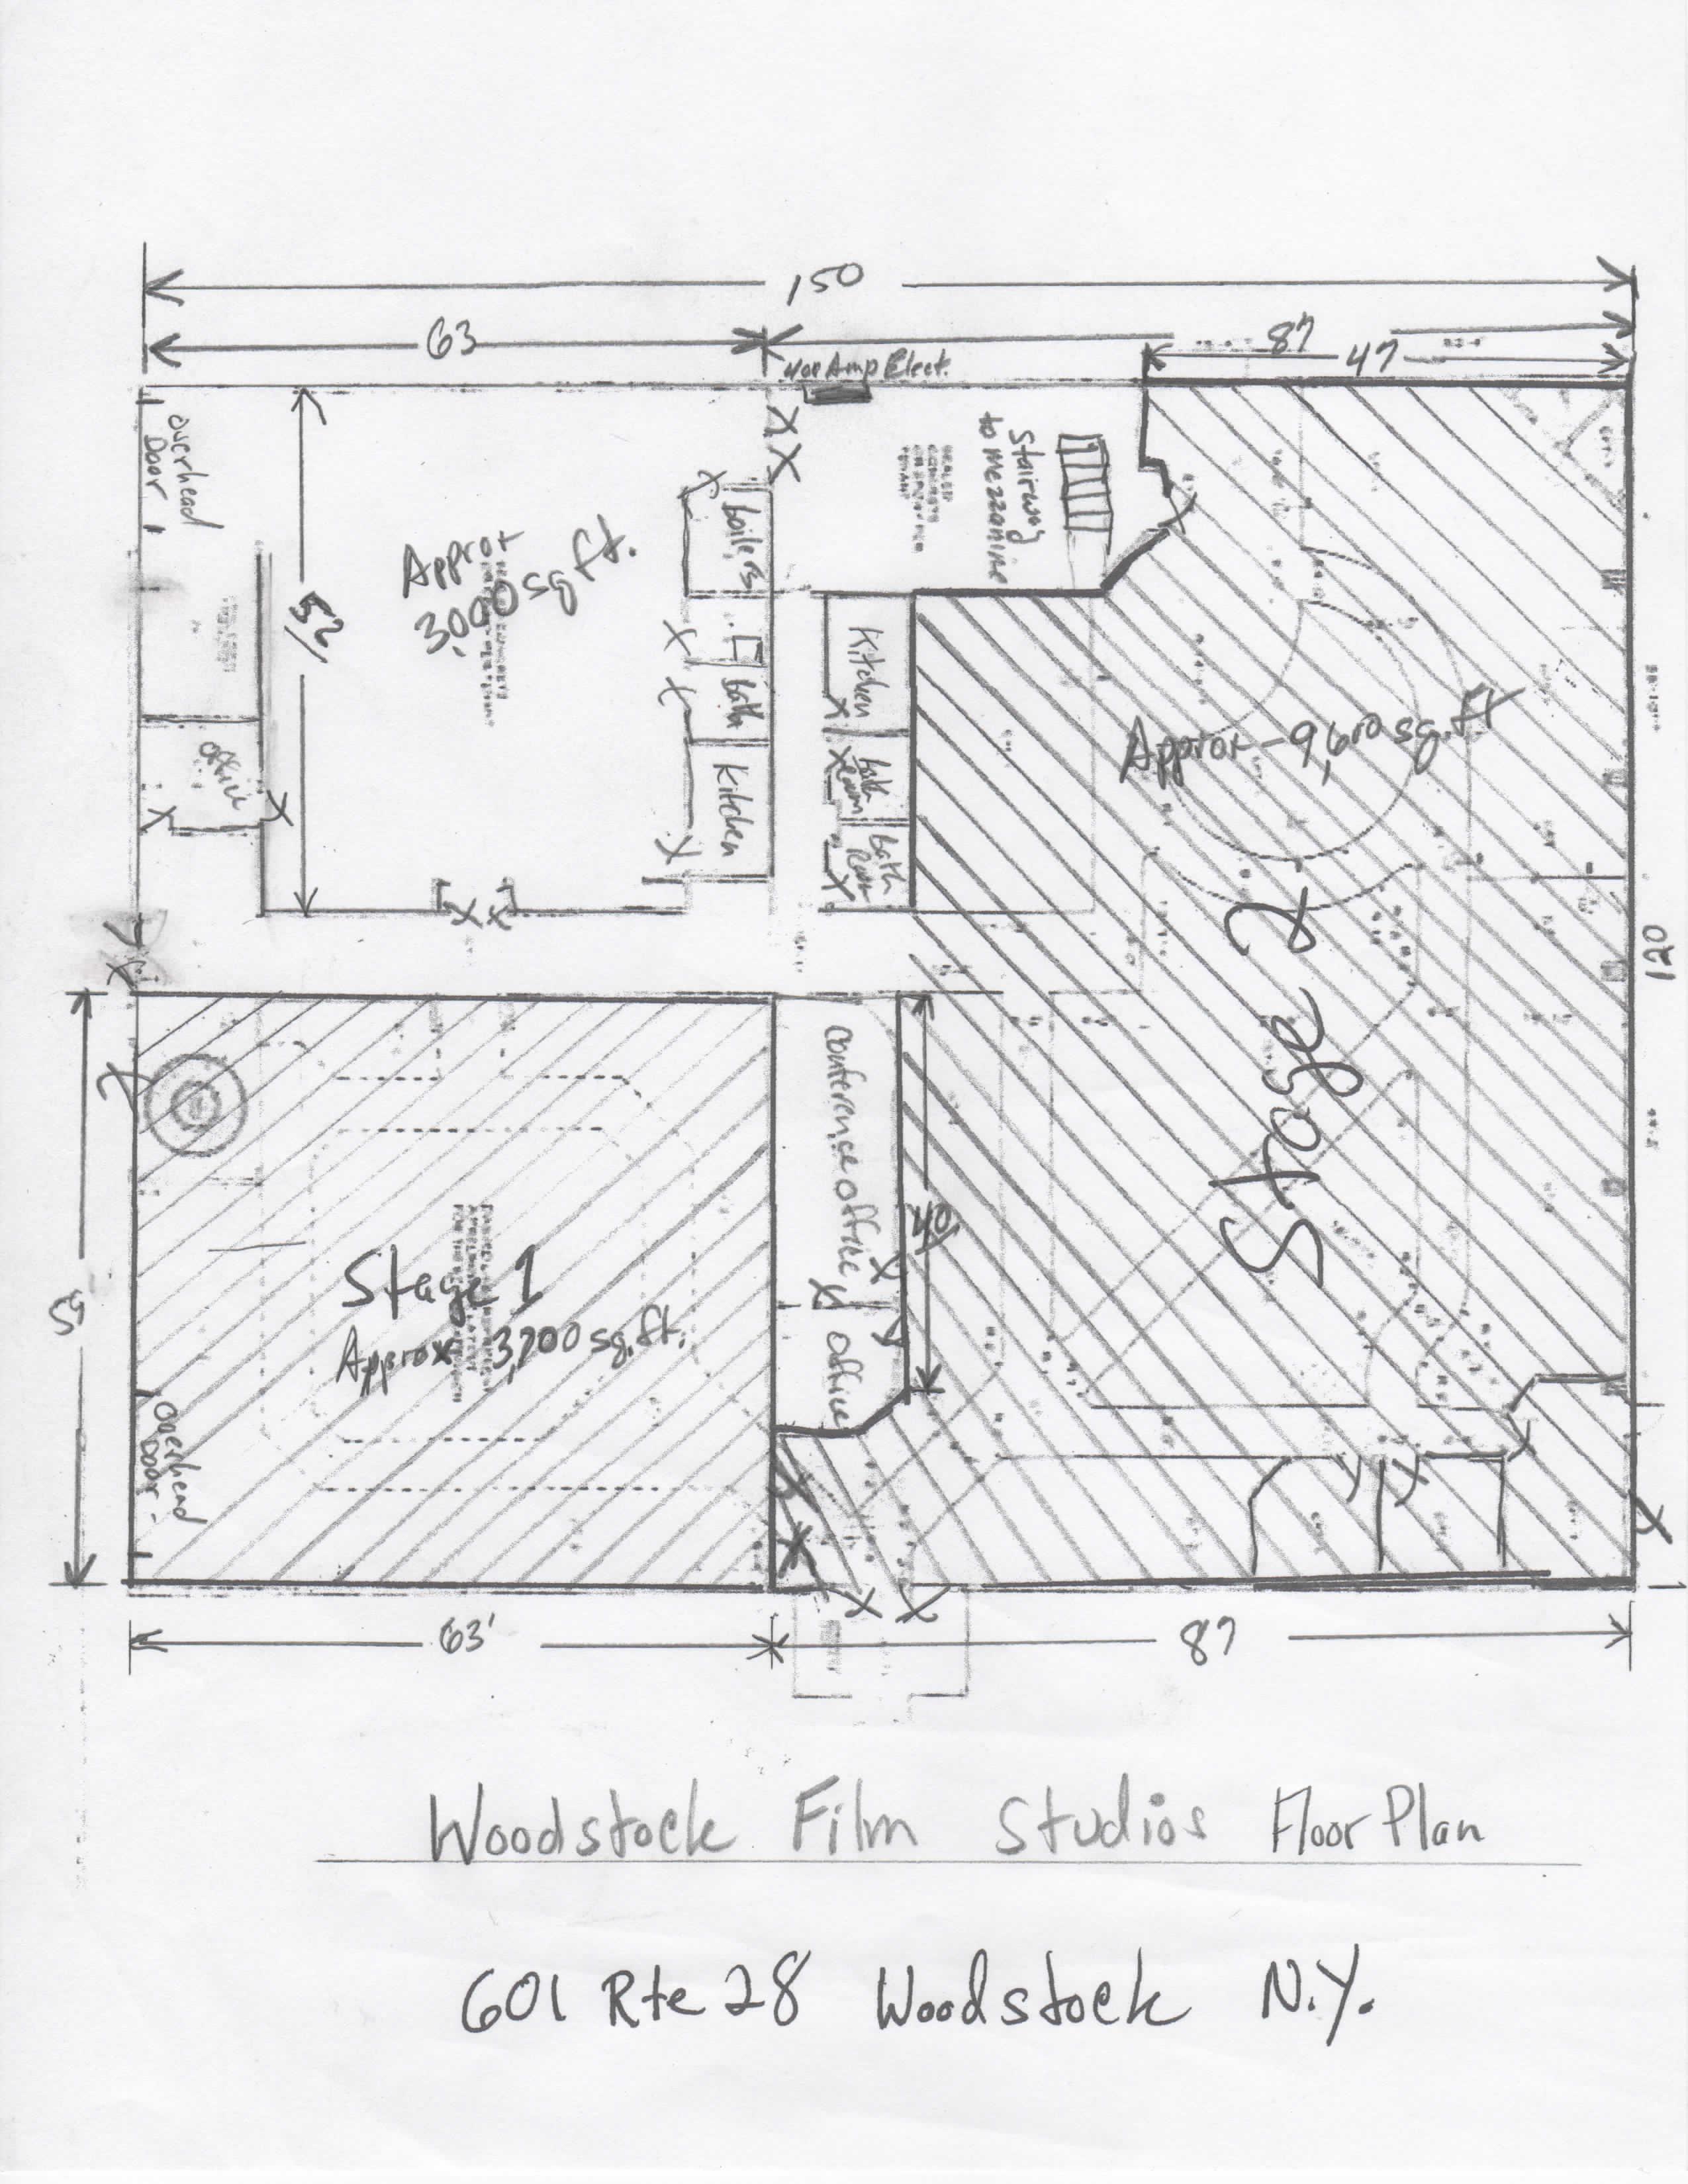 Floor Plans Woodstock Film Studios